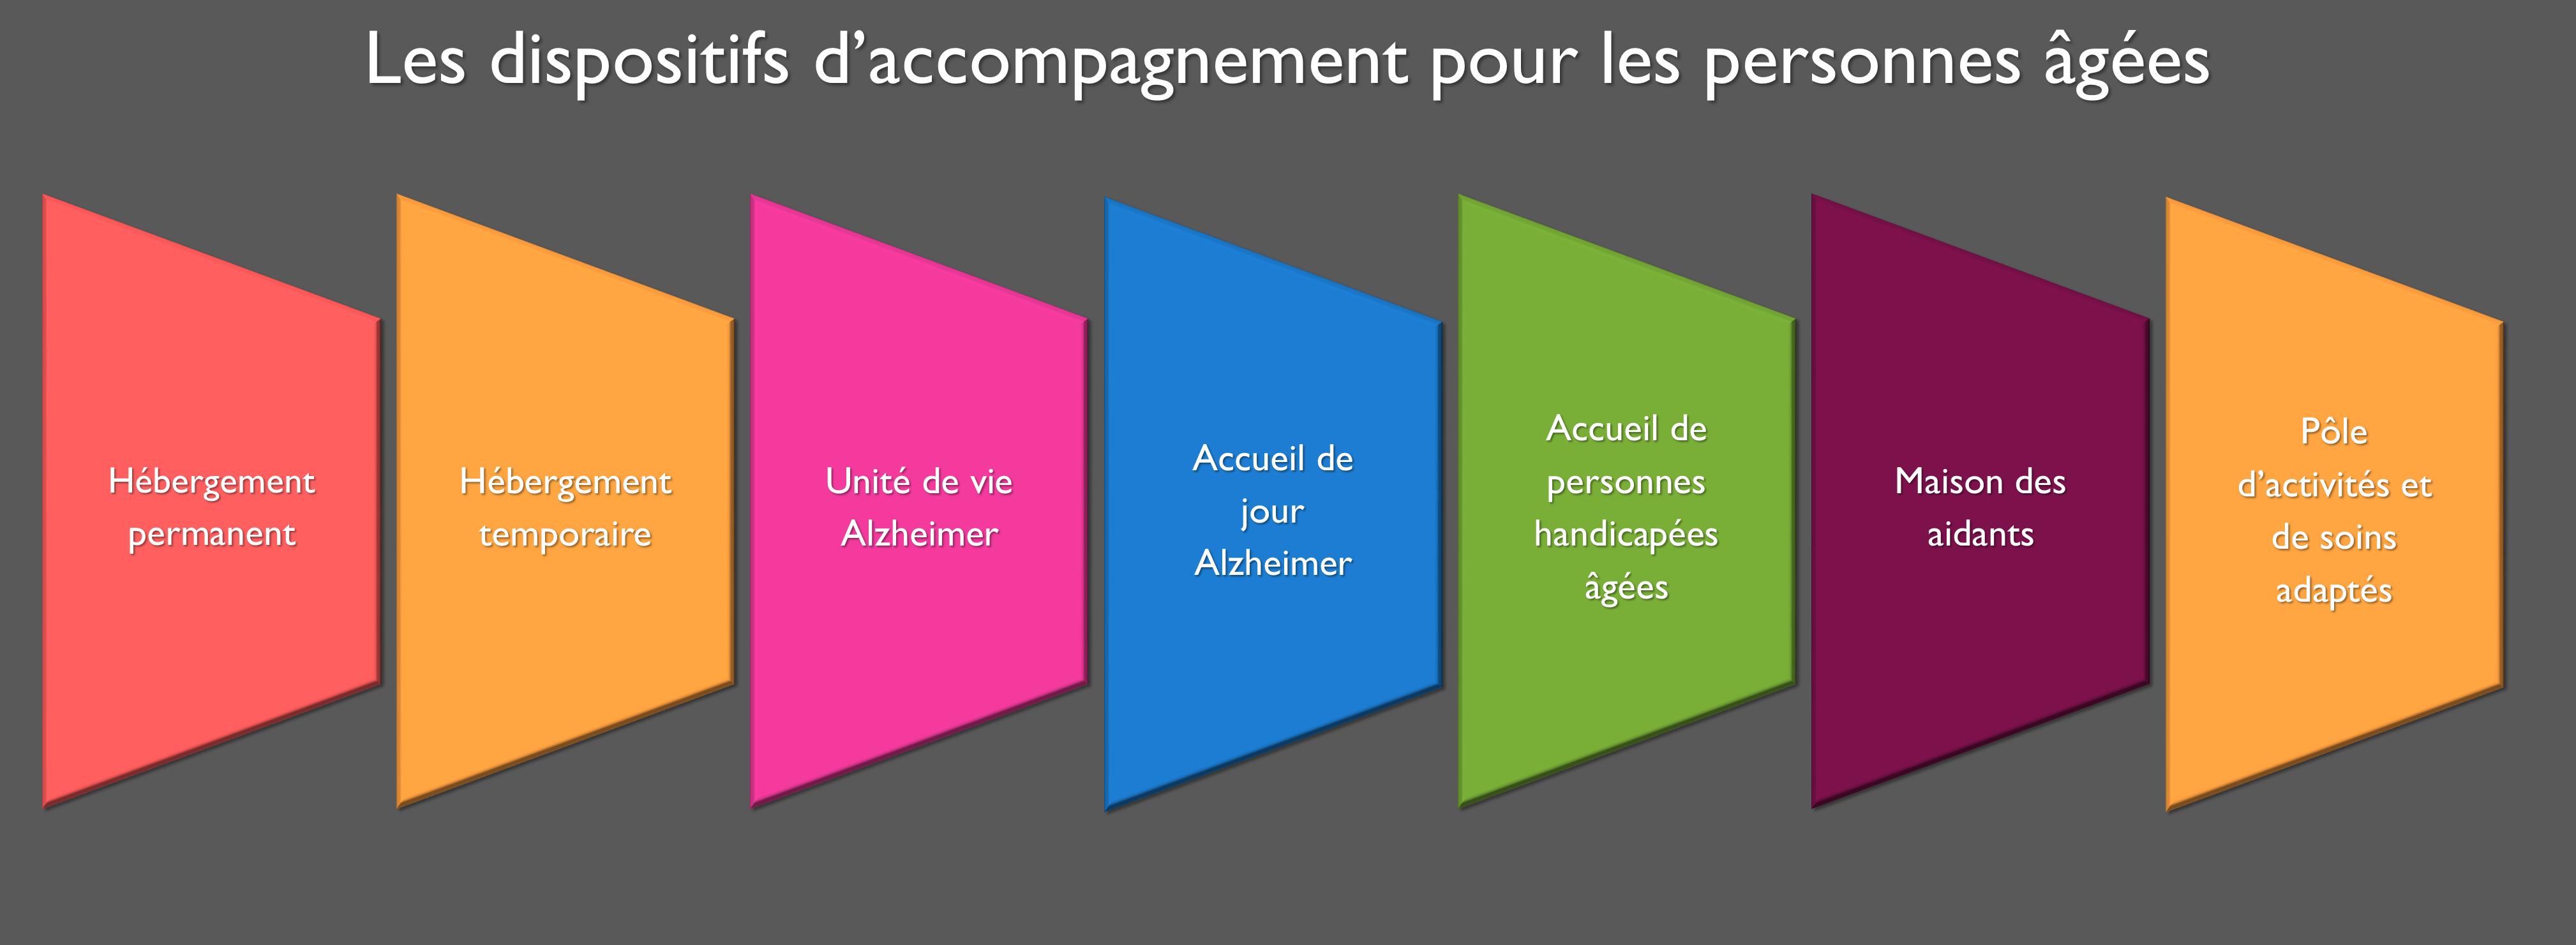 Accueil et relais missions for Aide sociale personnes agees maison de retraite